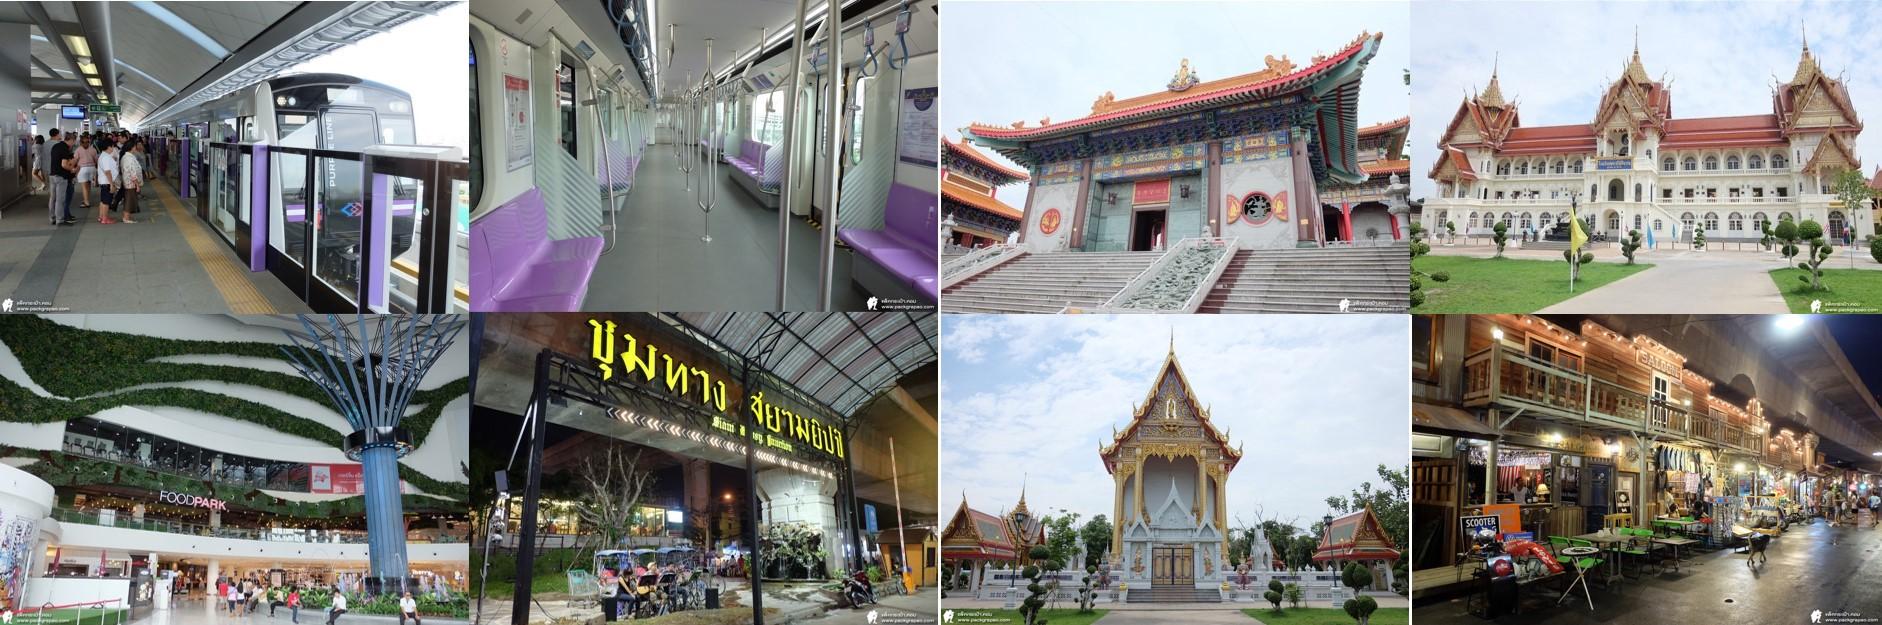 与众不同的曼谷一日游:搭曼谷最新紫色线天铁游览曼谷